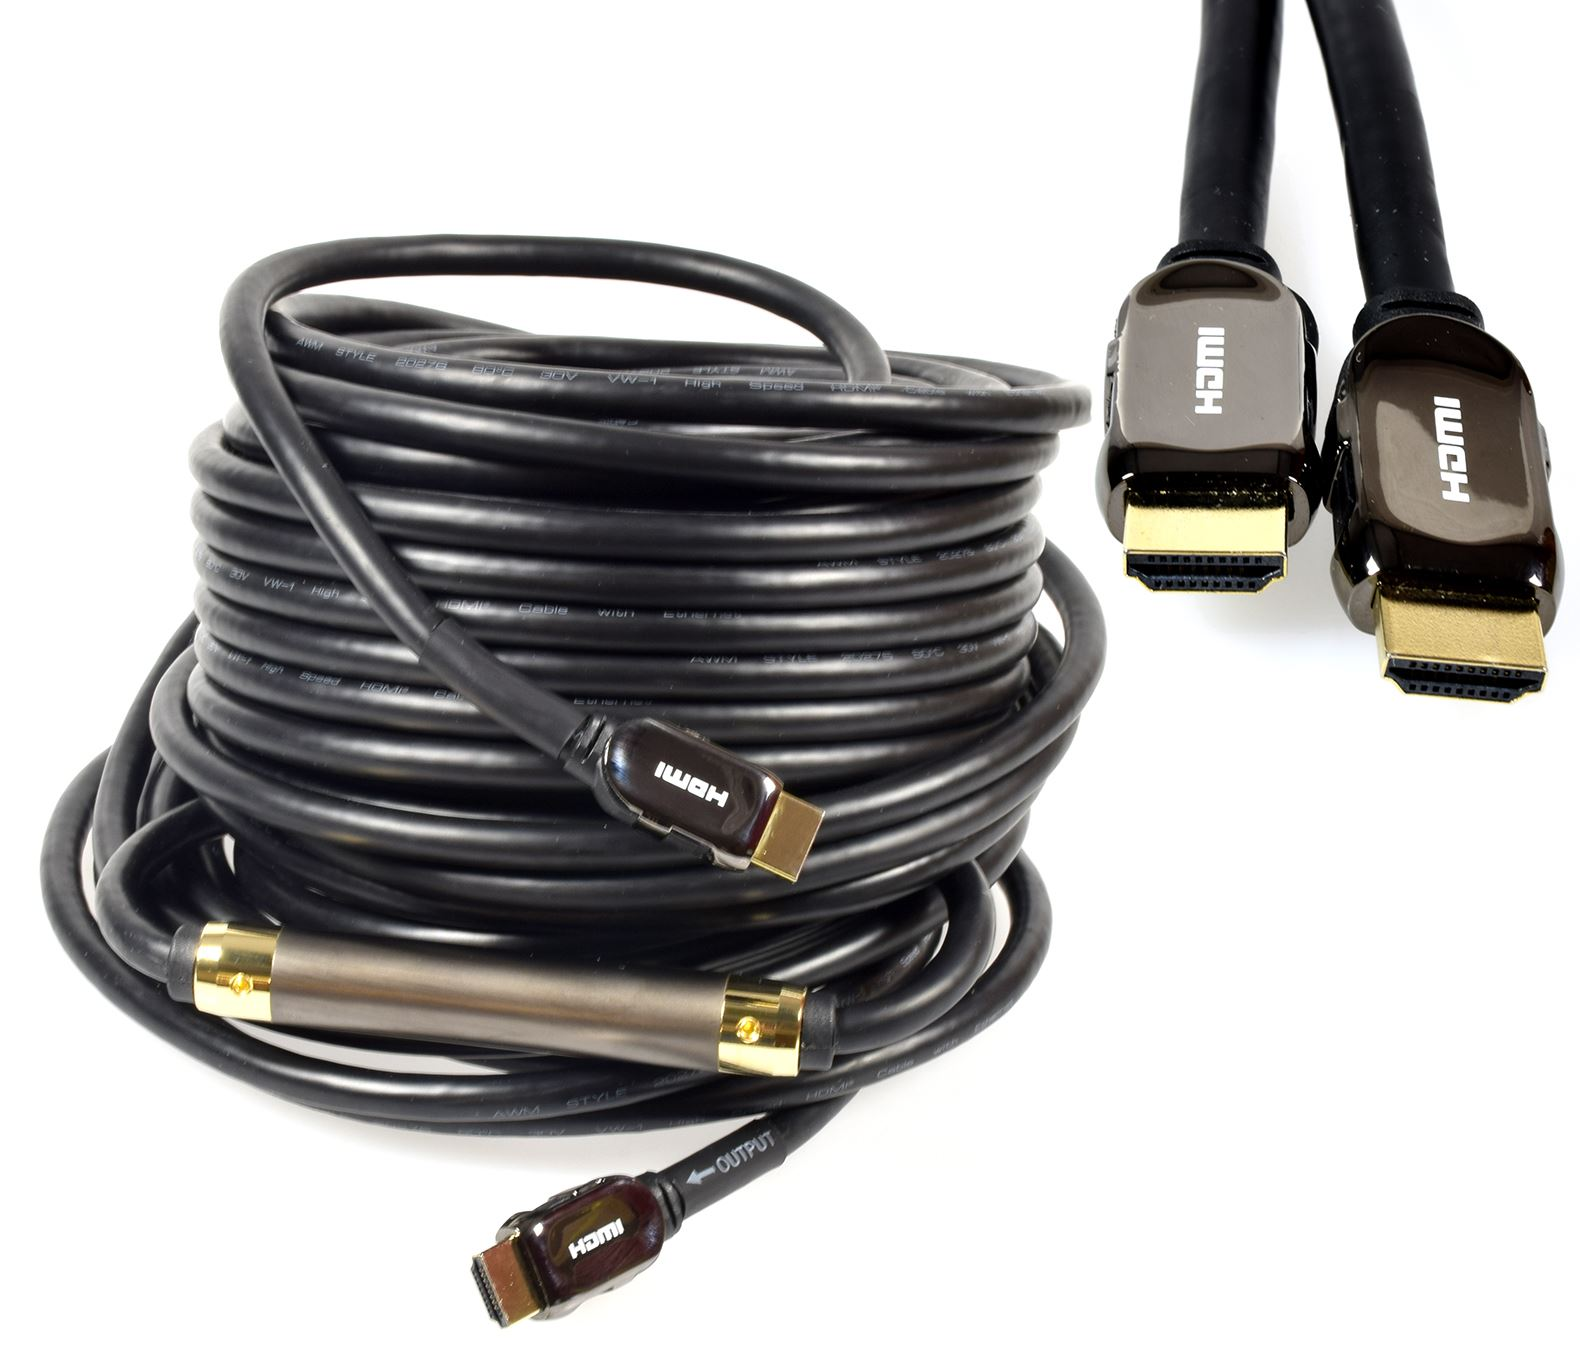 Cavo HDMI ARC e cavo HDMI CEC: cosa significano?